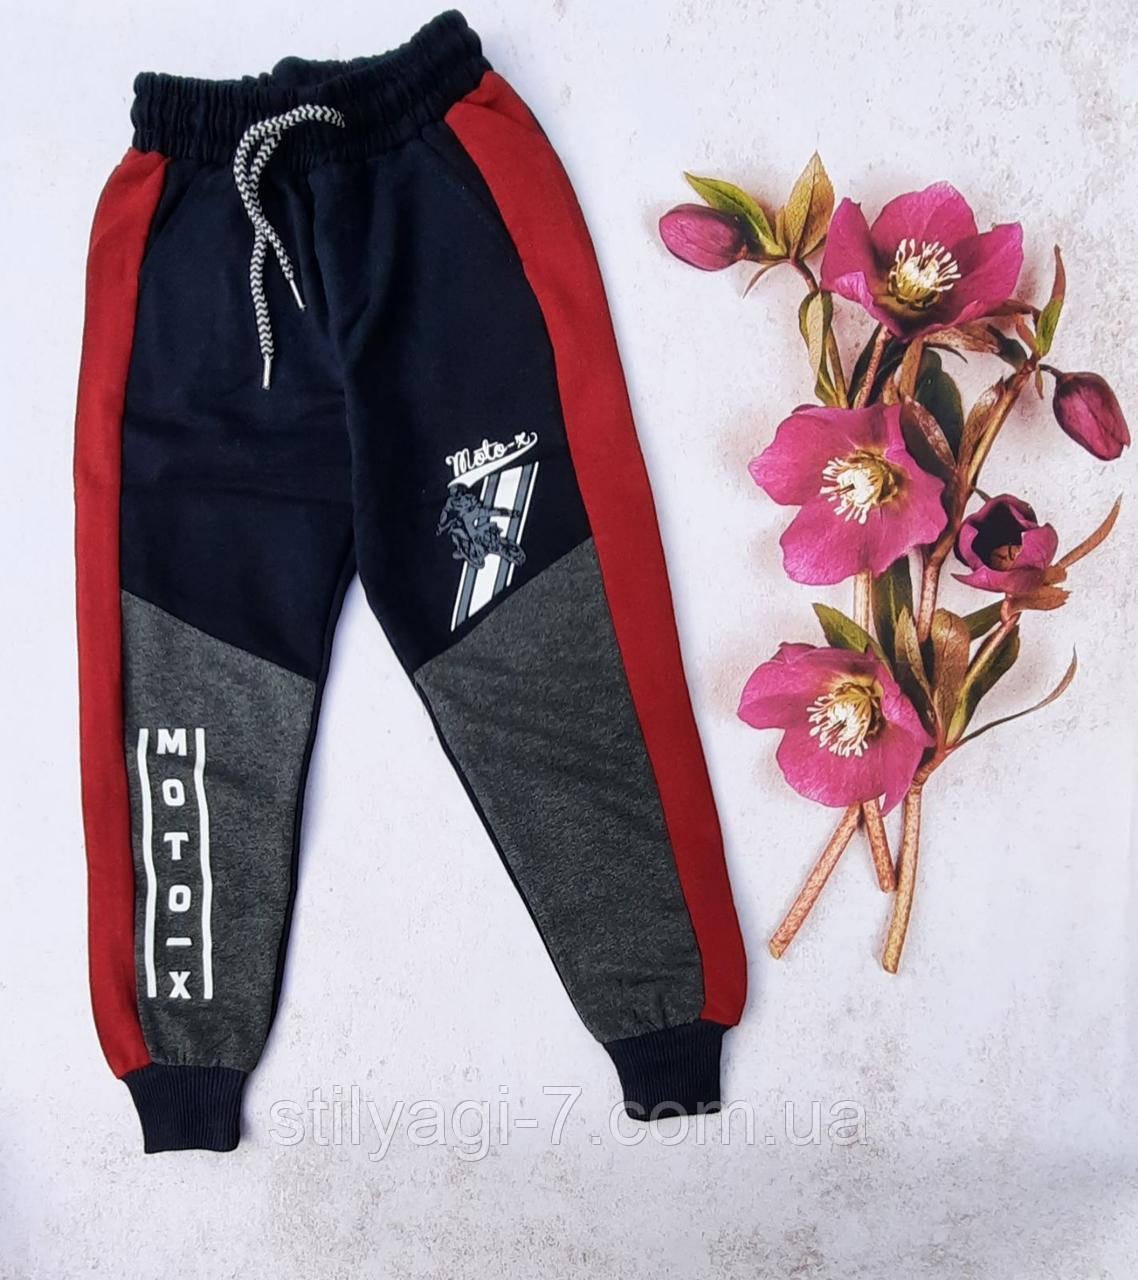 Спортивные штаны для мальчика на 9-12 лет серого, черного, синего, бордового цвета с надписью оптом